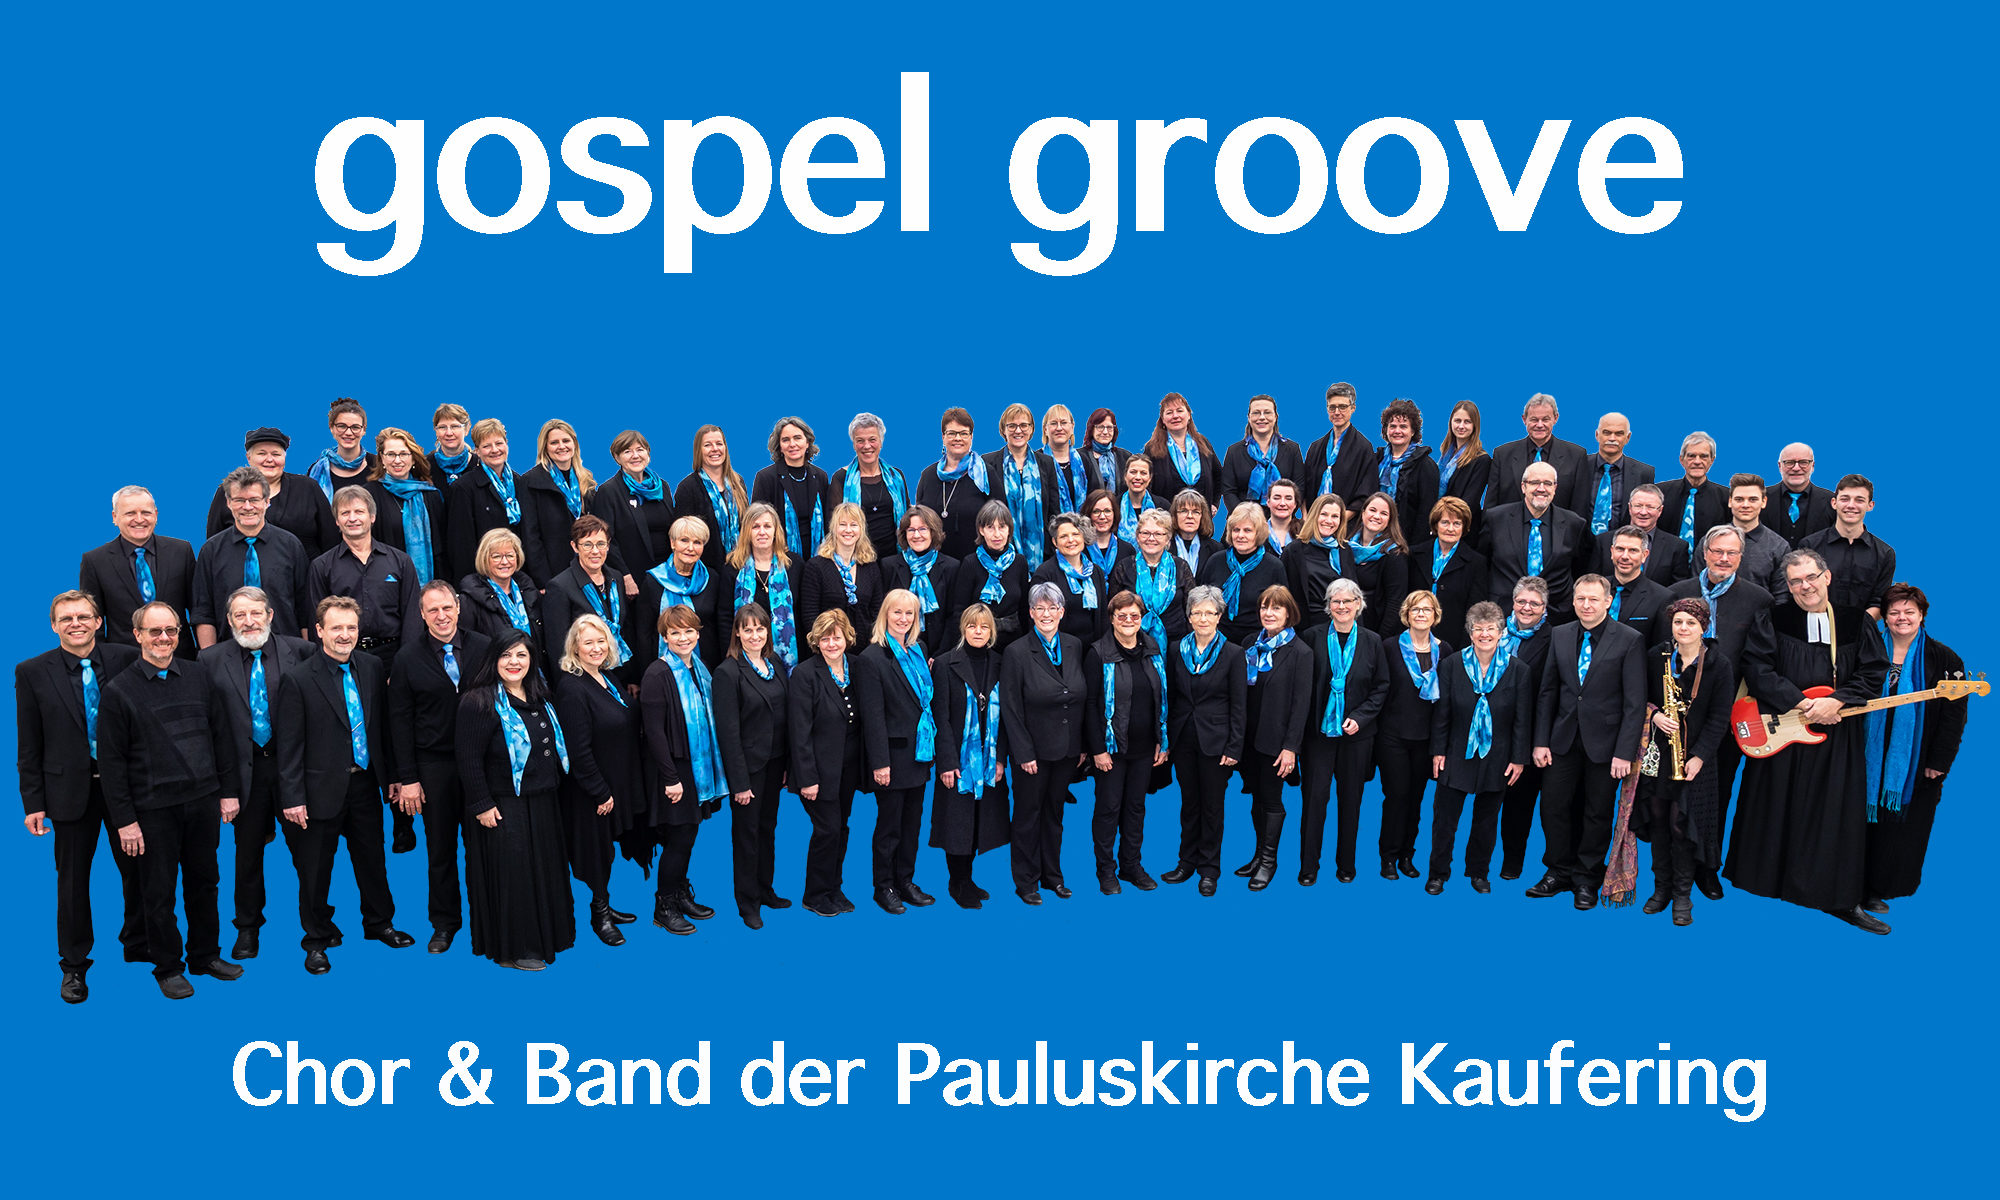 gospel groove